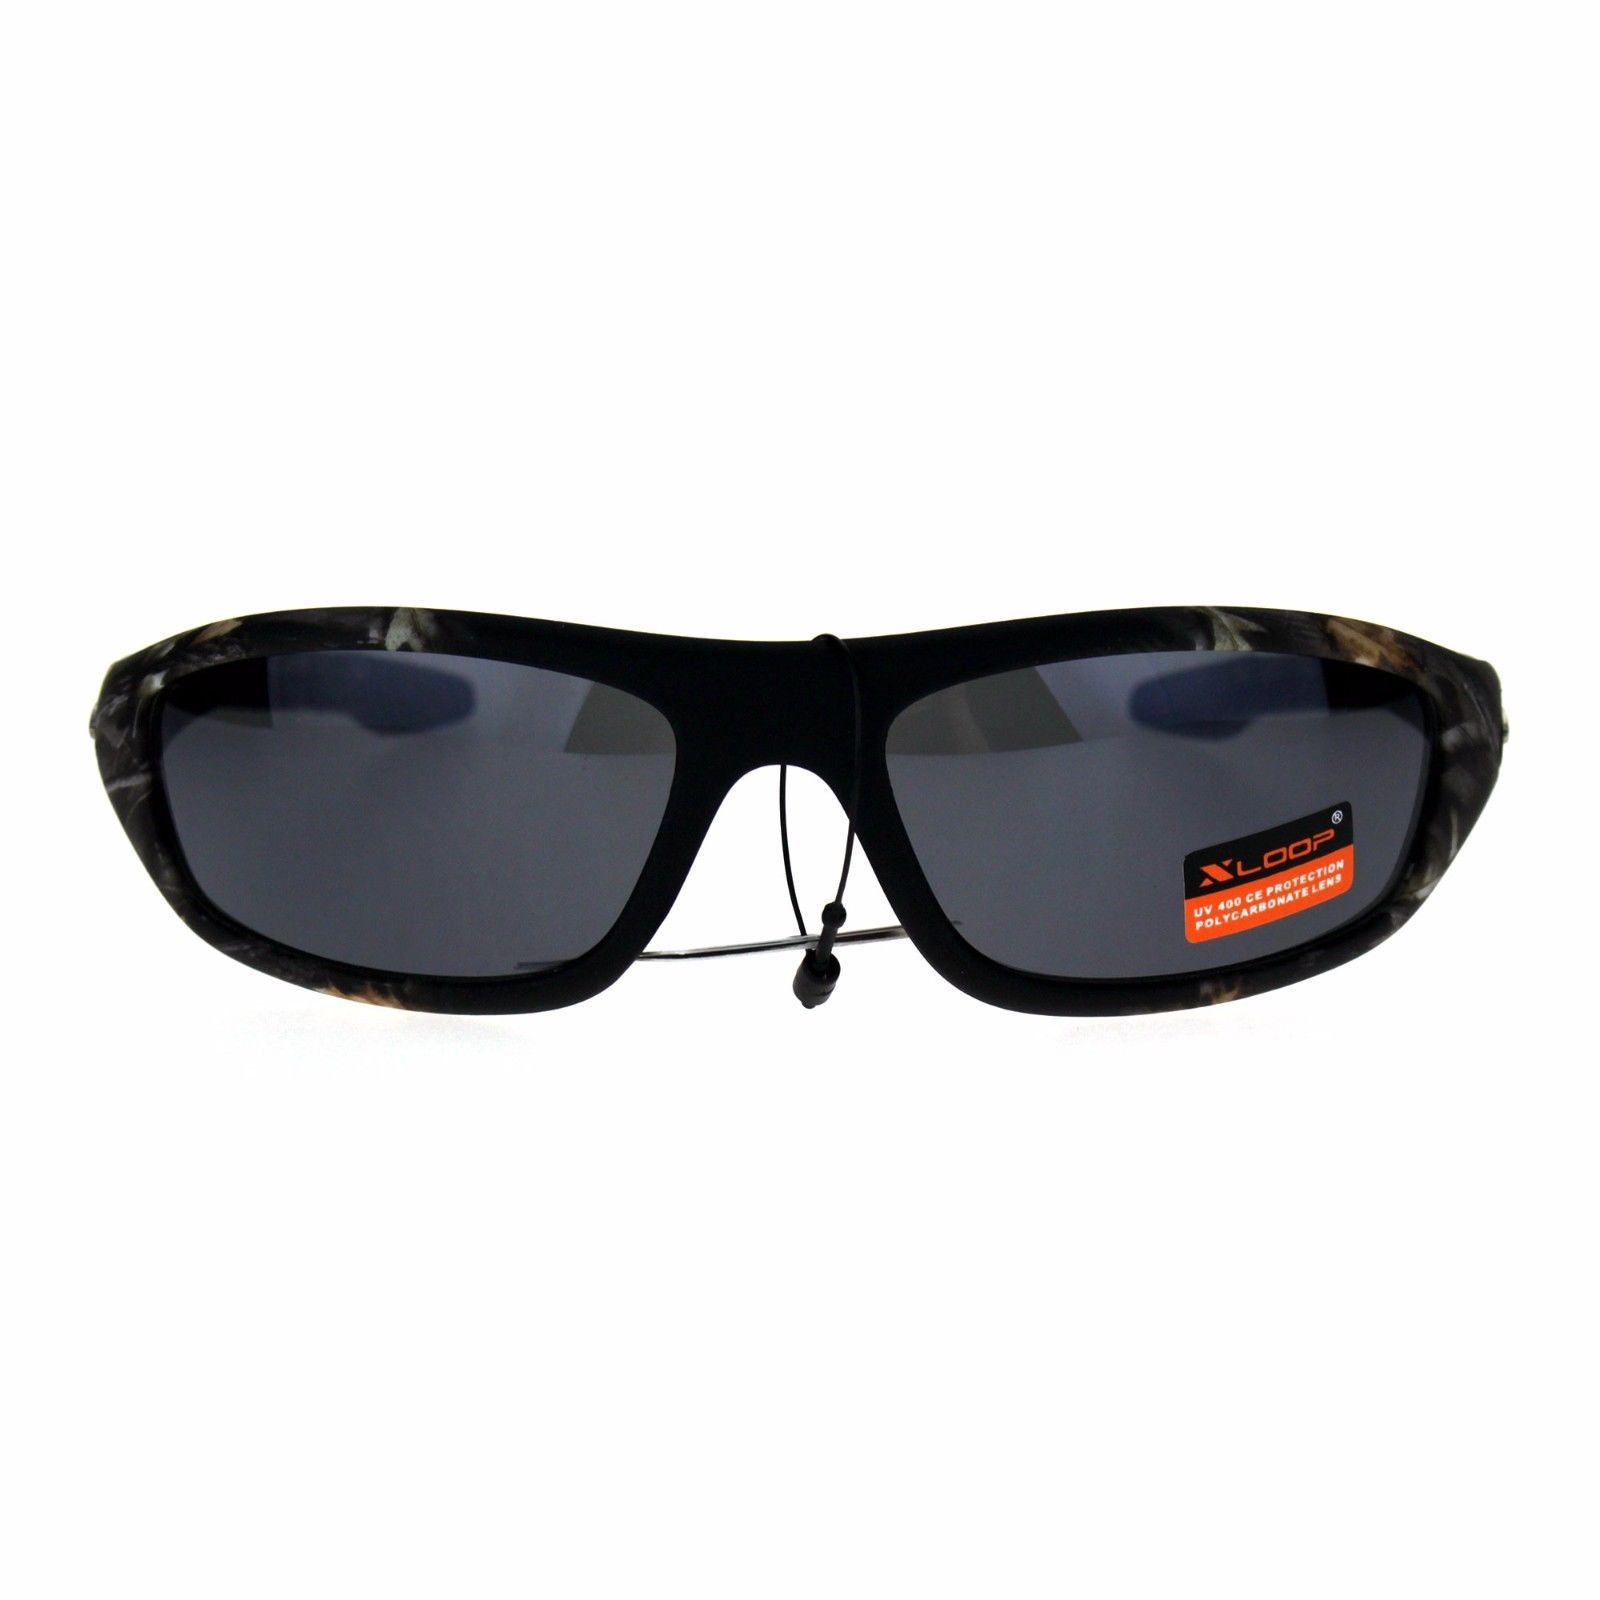 b0c8d77c80e8 Mens Xloop Hunters Camo Plastic Sport Warp and similar items